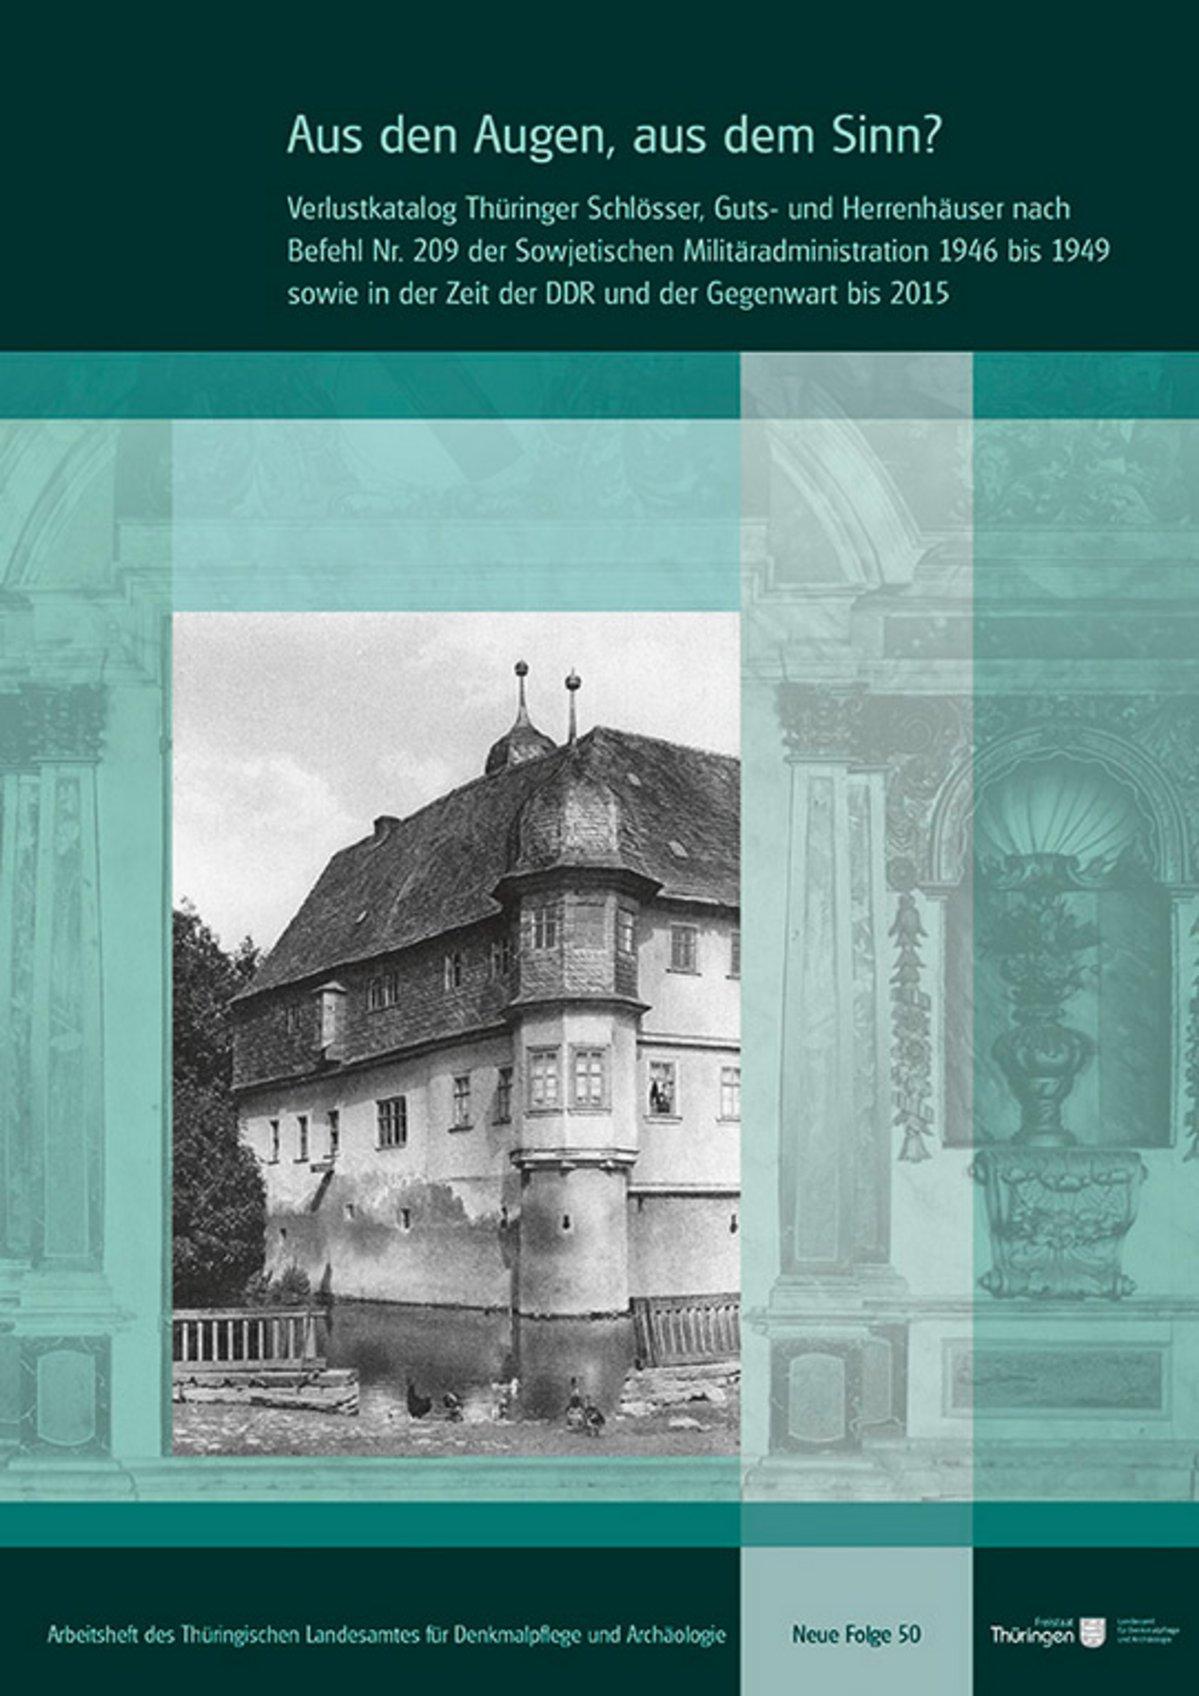 Titelbild Arbeitsheft NF 50: Schwarz-weiß Bild eines alten Herrenhauses vor ansonsten in Grüntönen gehaltener Titelseite